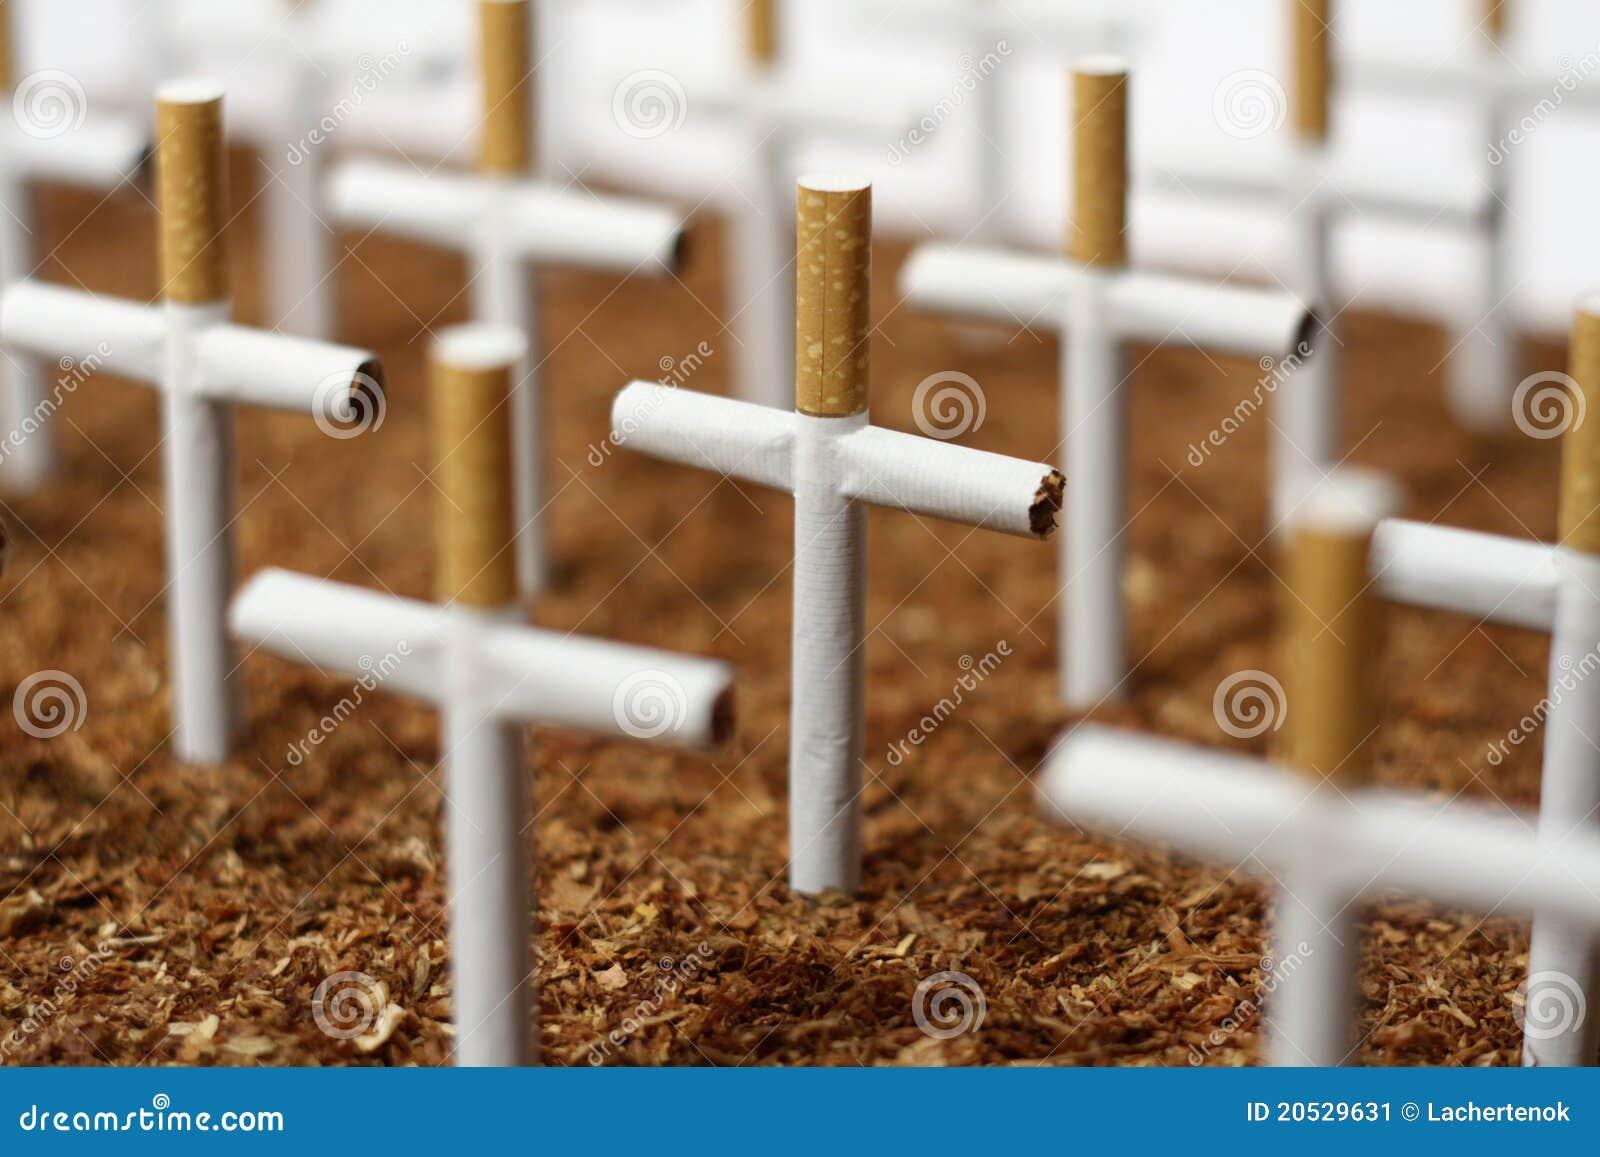 zigaretten kostenlos